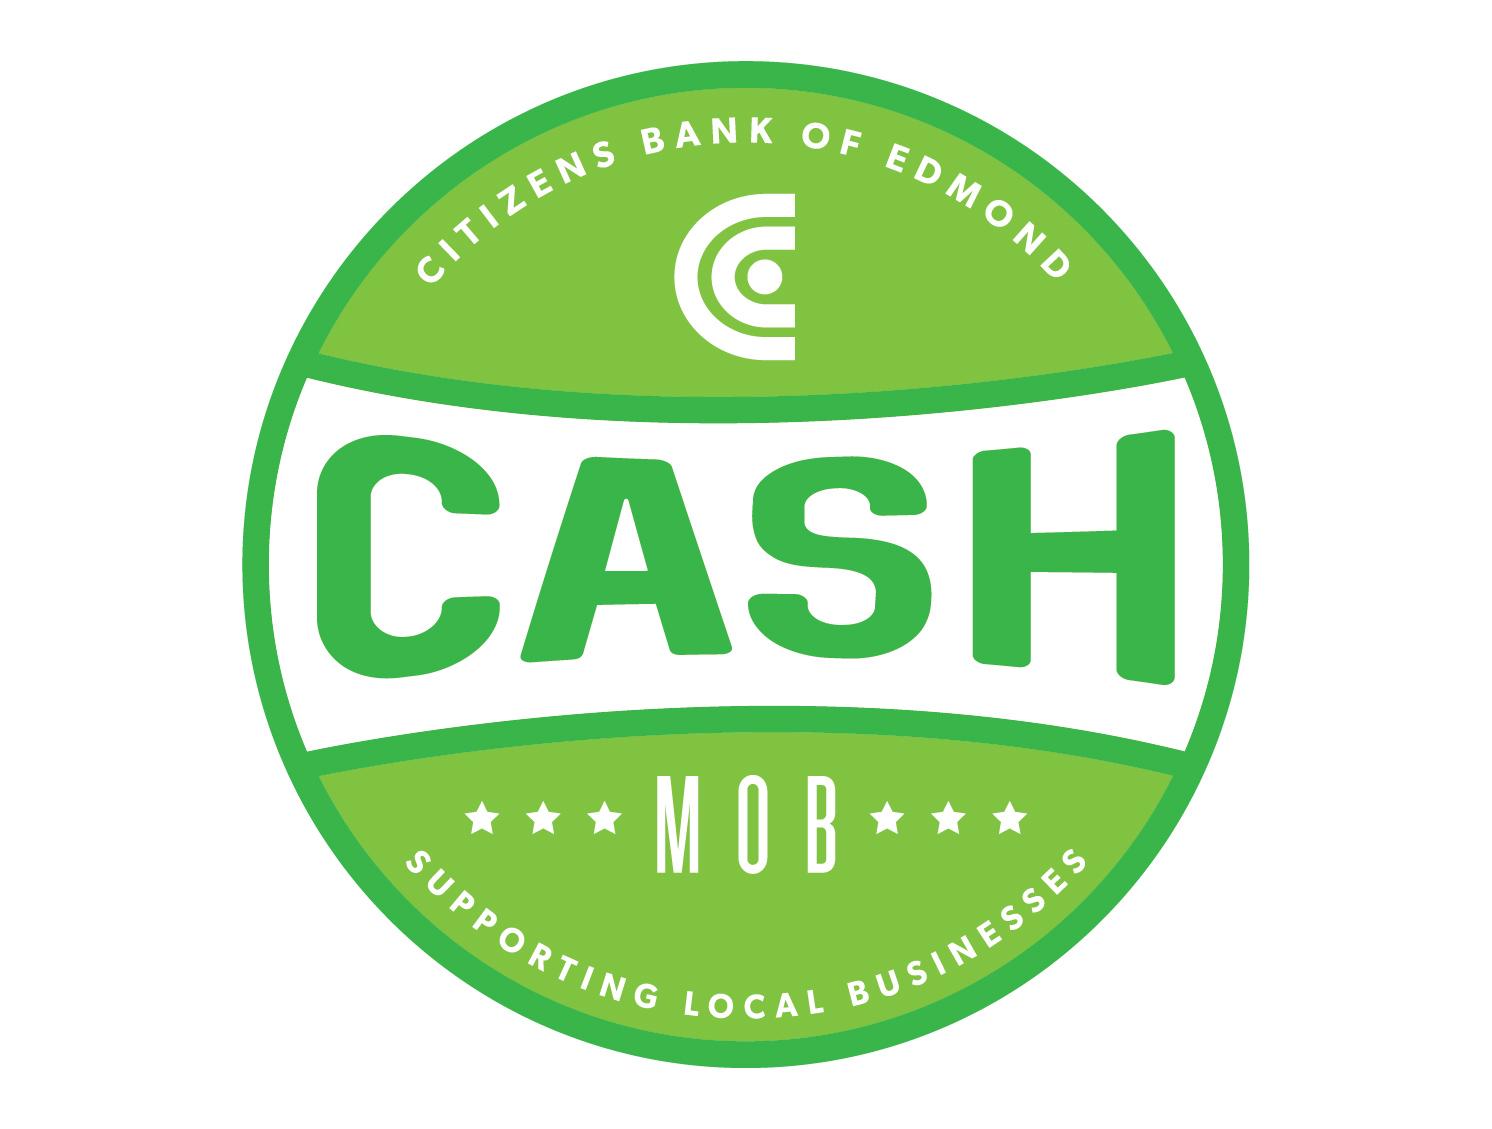 Citizens Bank of Edmond's Cash Mob